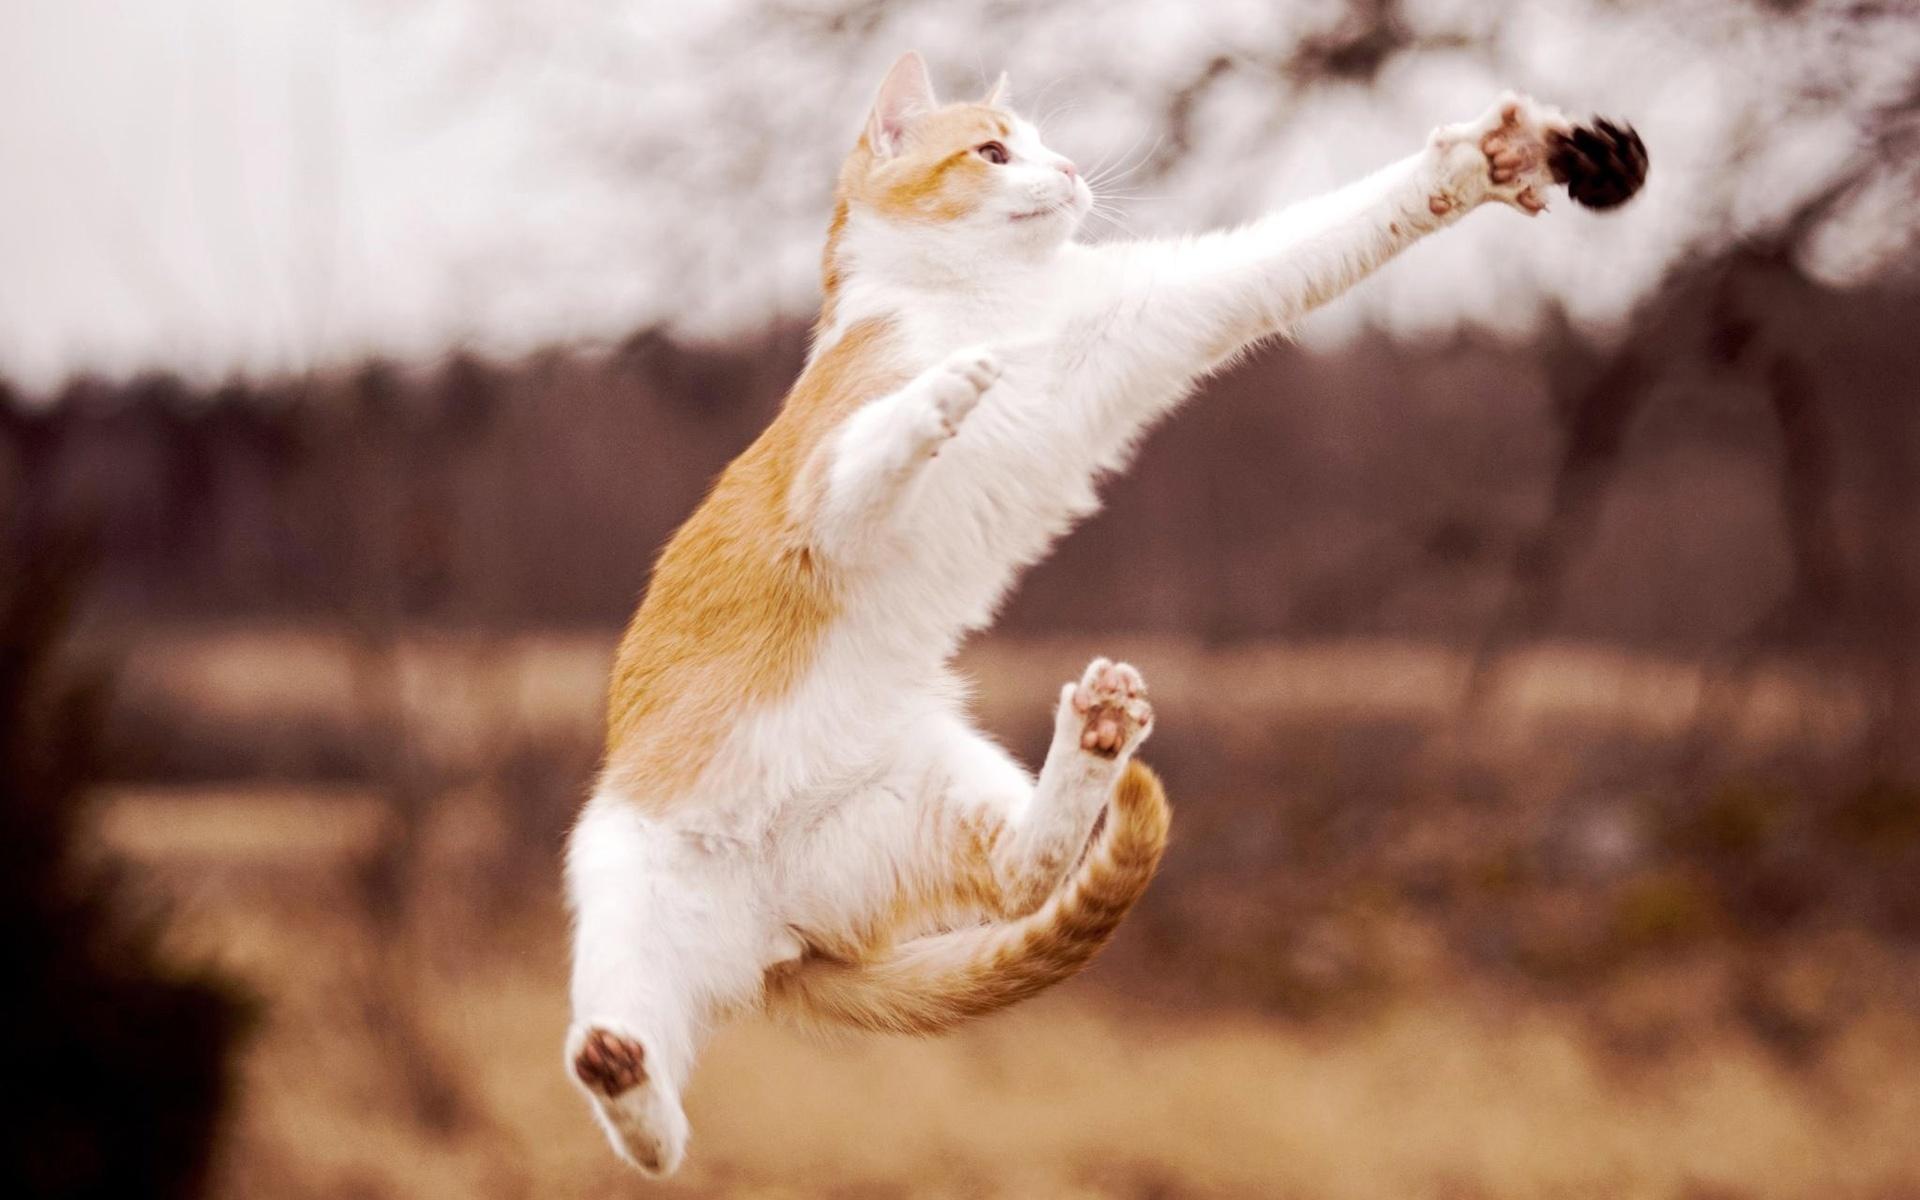 壁紙 猫美しいジャンプ 1920x1200 Hd 無料のデスクトップの背景 画像